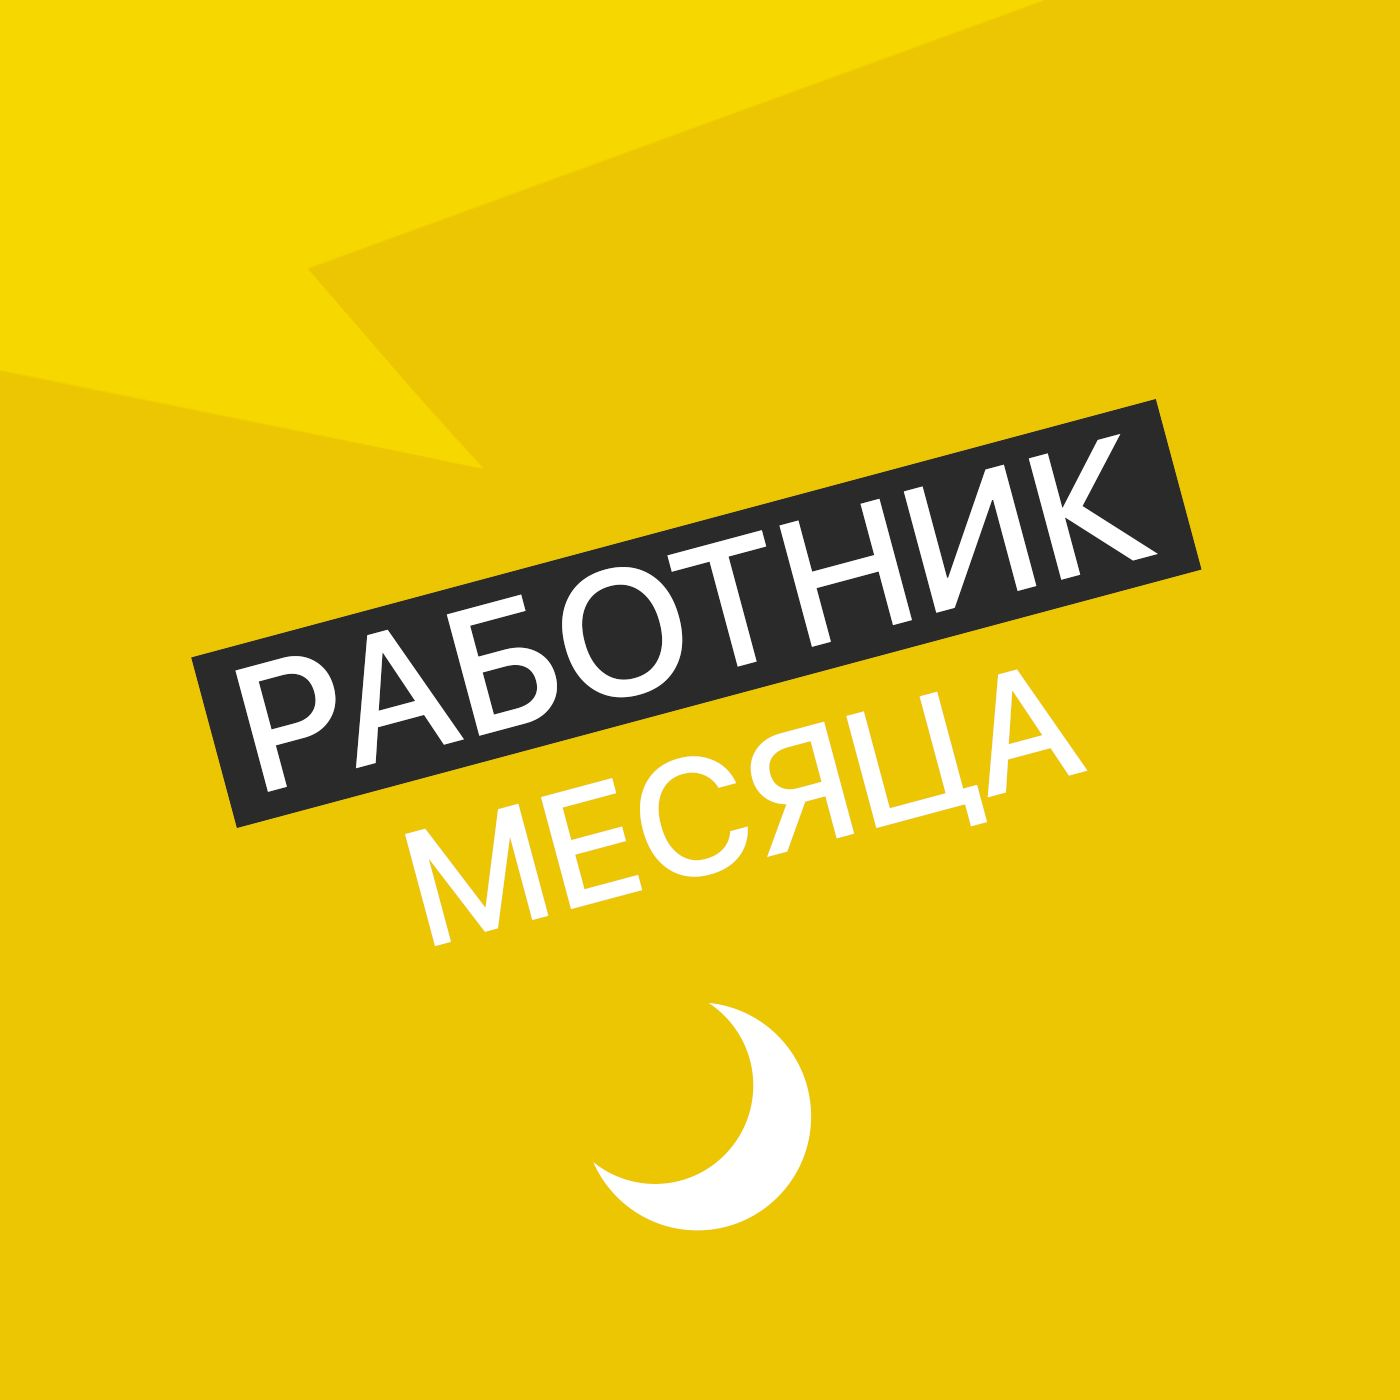 Кинокритик_Творческий коллектив Mojomedia